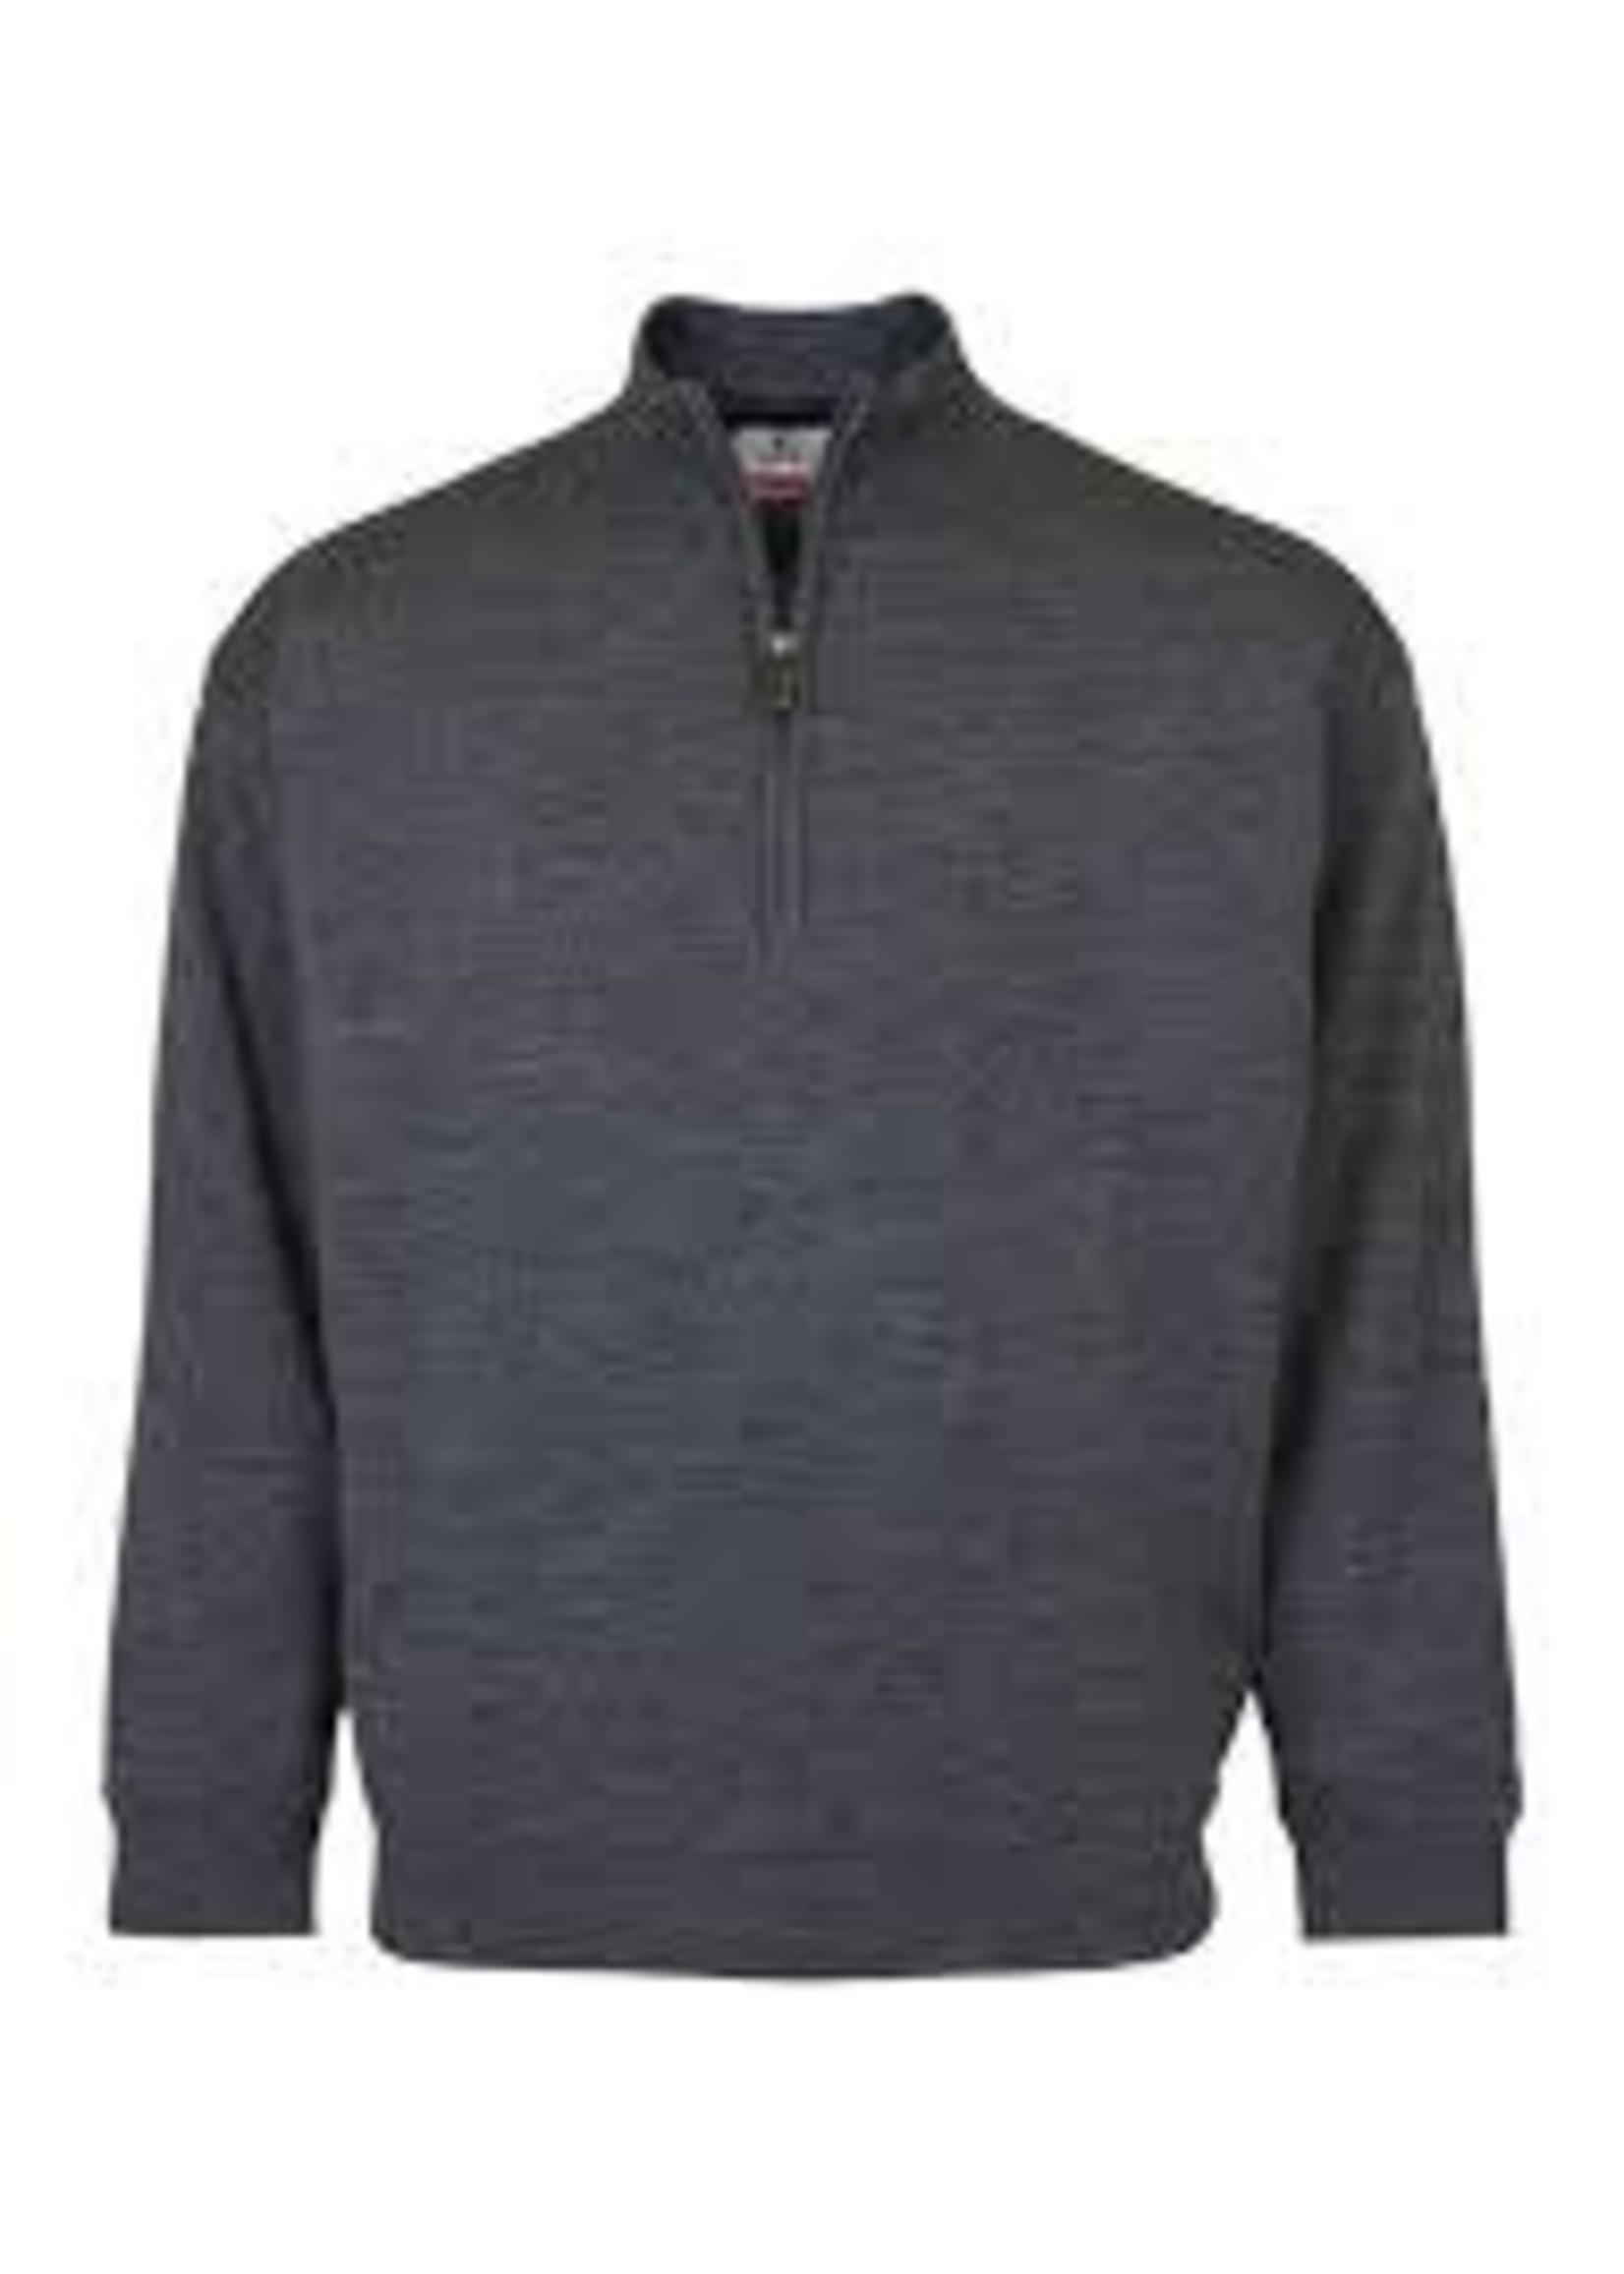 ProQuip Proquip Lined Merino Mens 1/4 Zip Sweater